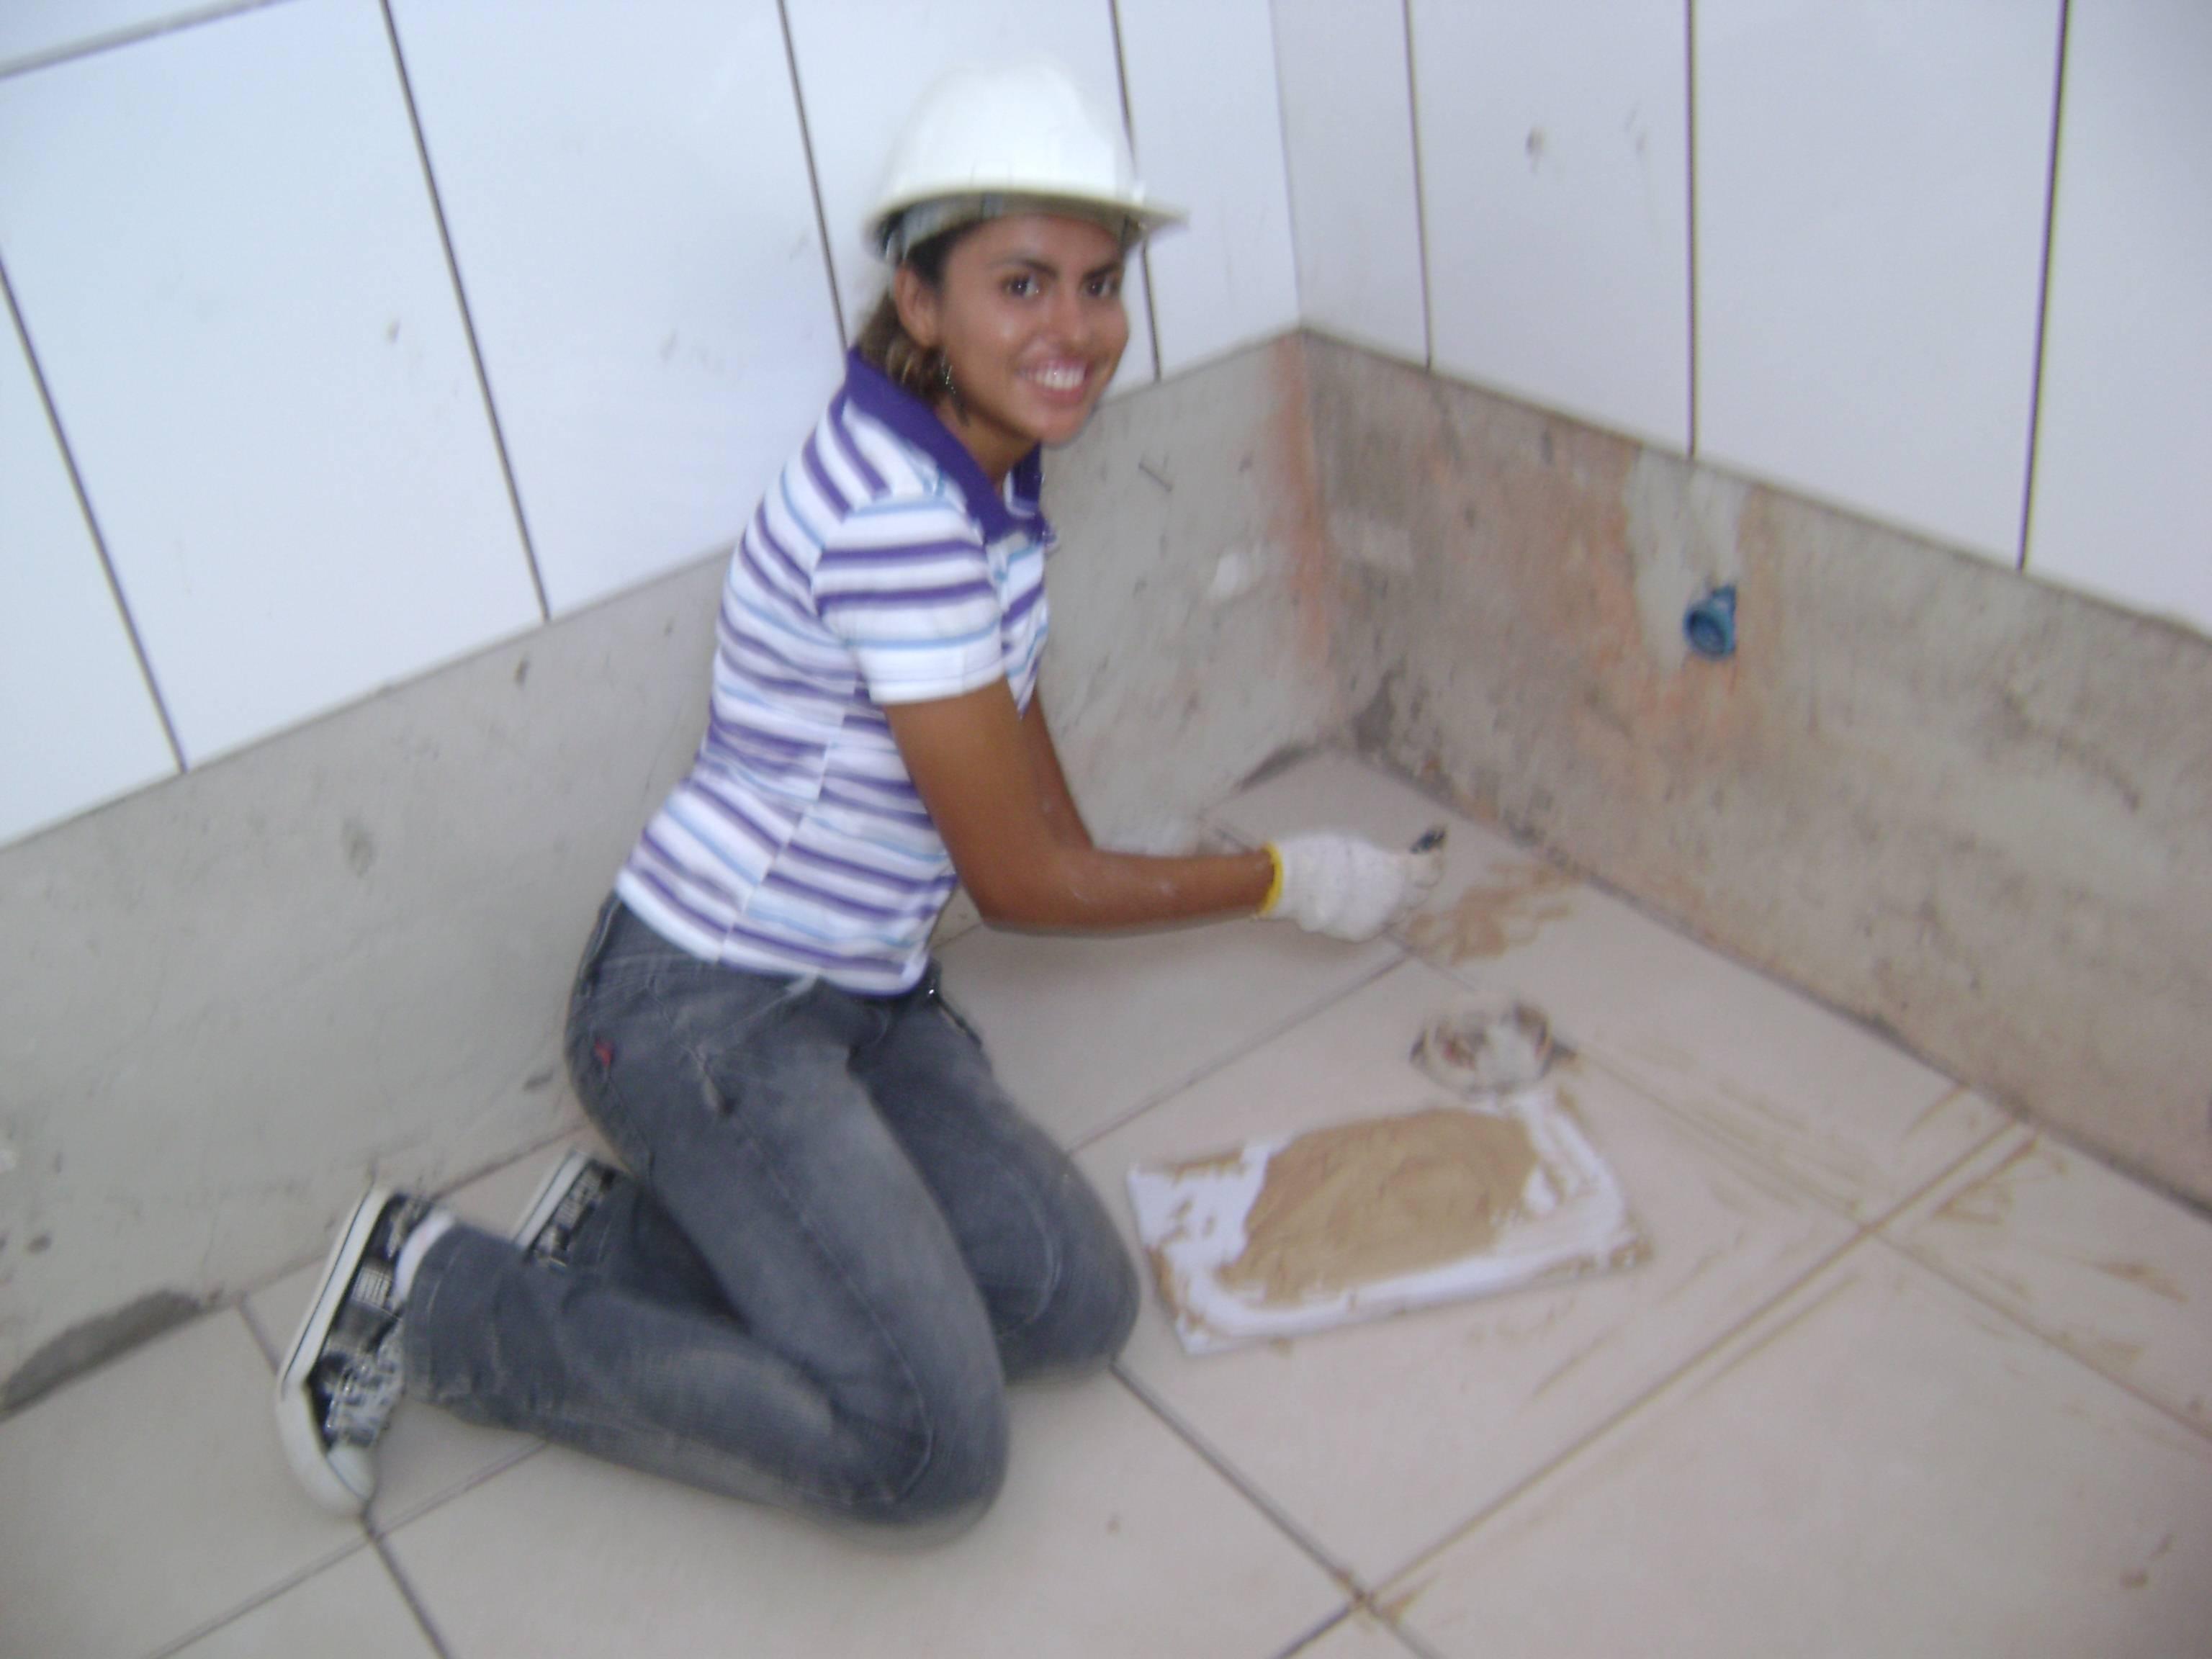 Construção Rápida Itapira Alguns dizem que nossas vidas são  #4B5F80 3072x2304 Banheiro Branco Com Rejunte Azul